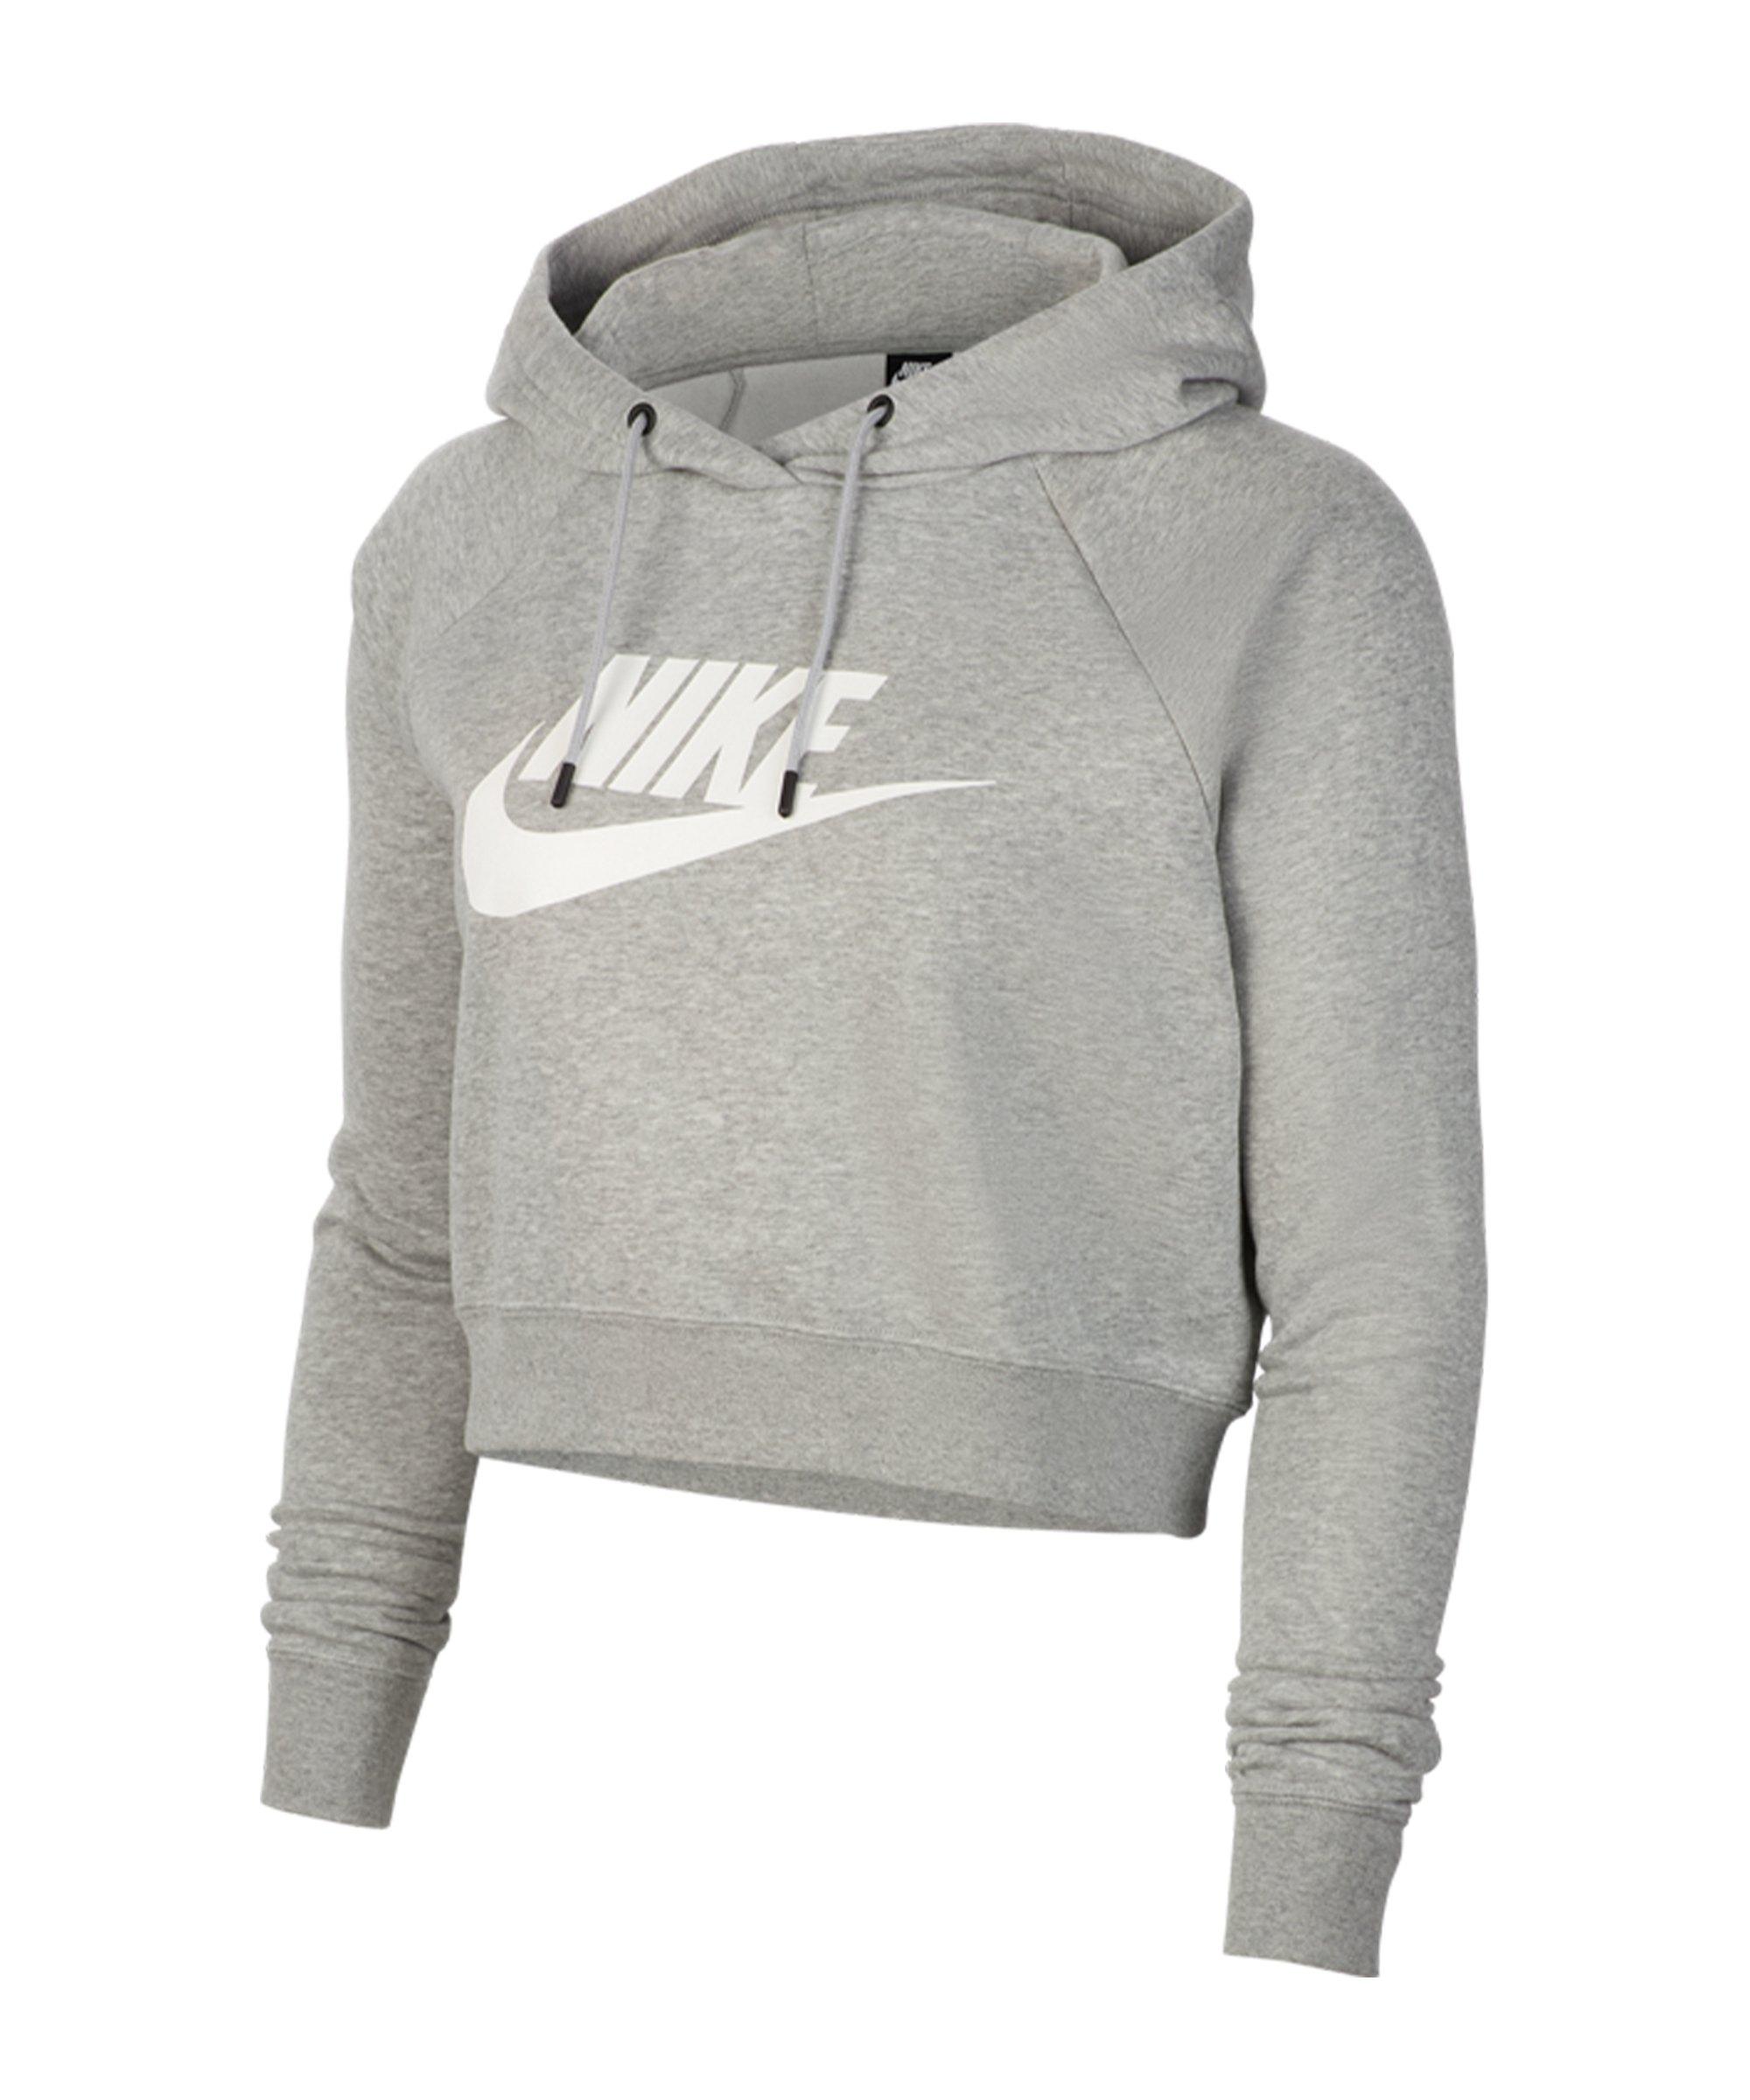 Nike Essential Cropped Hoody Damen Grau F063 - grau